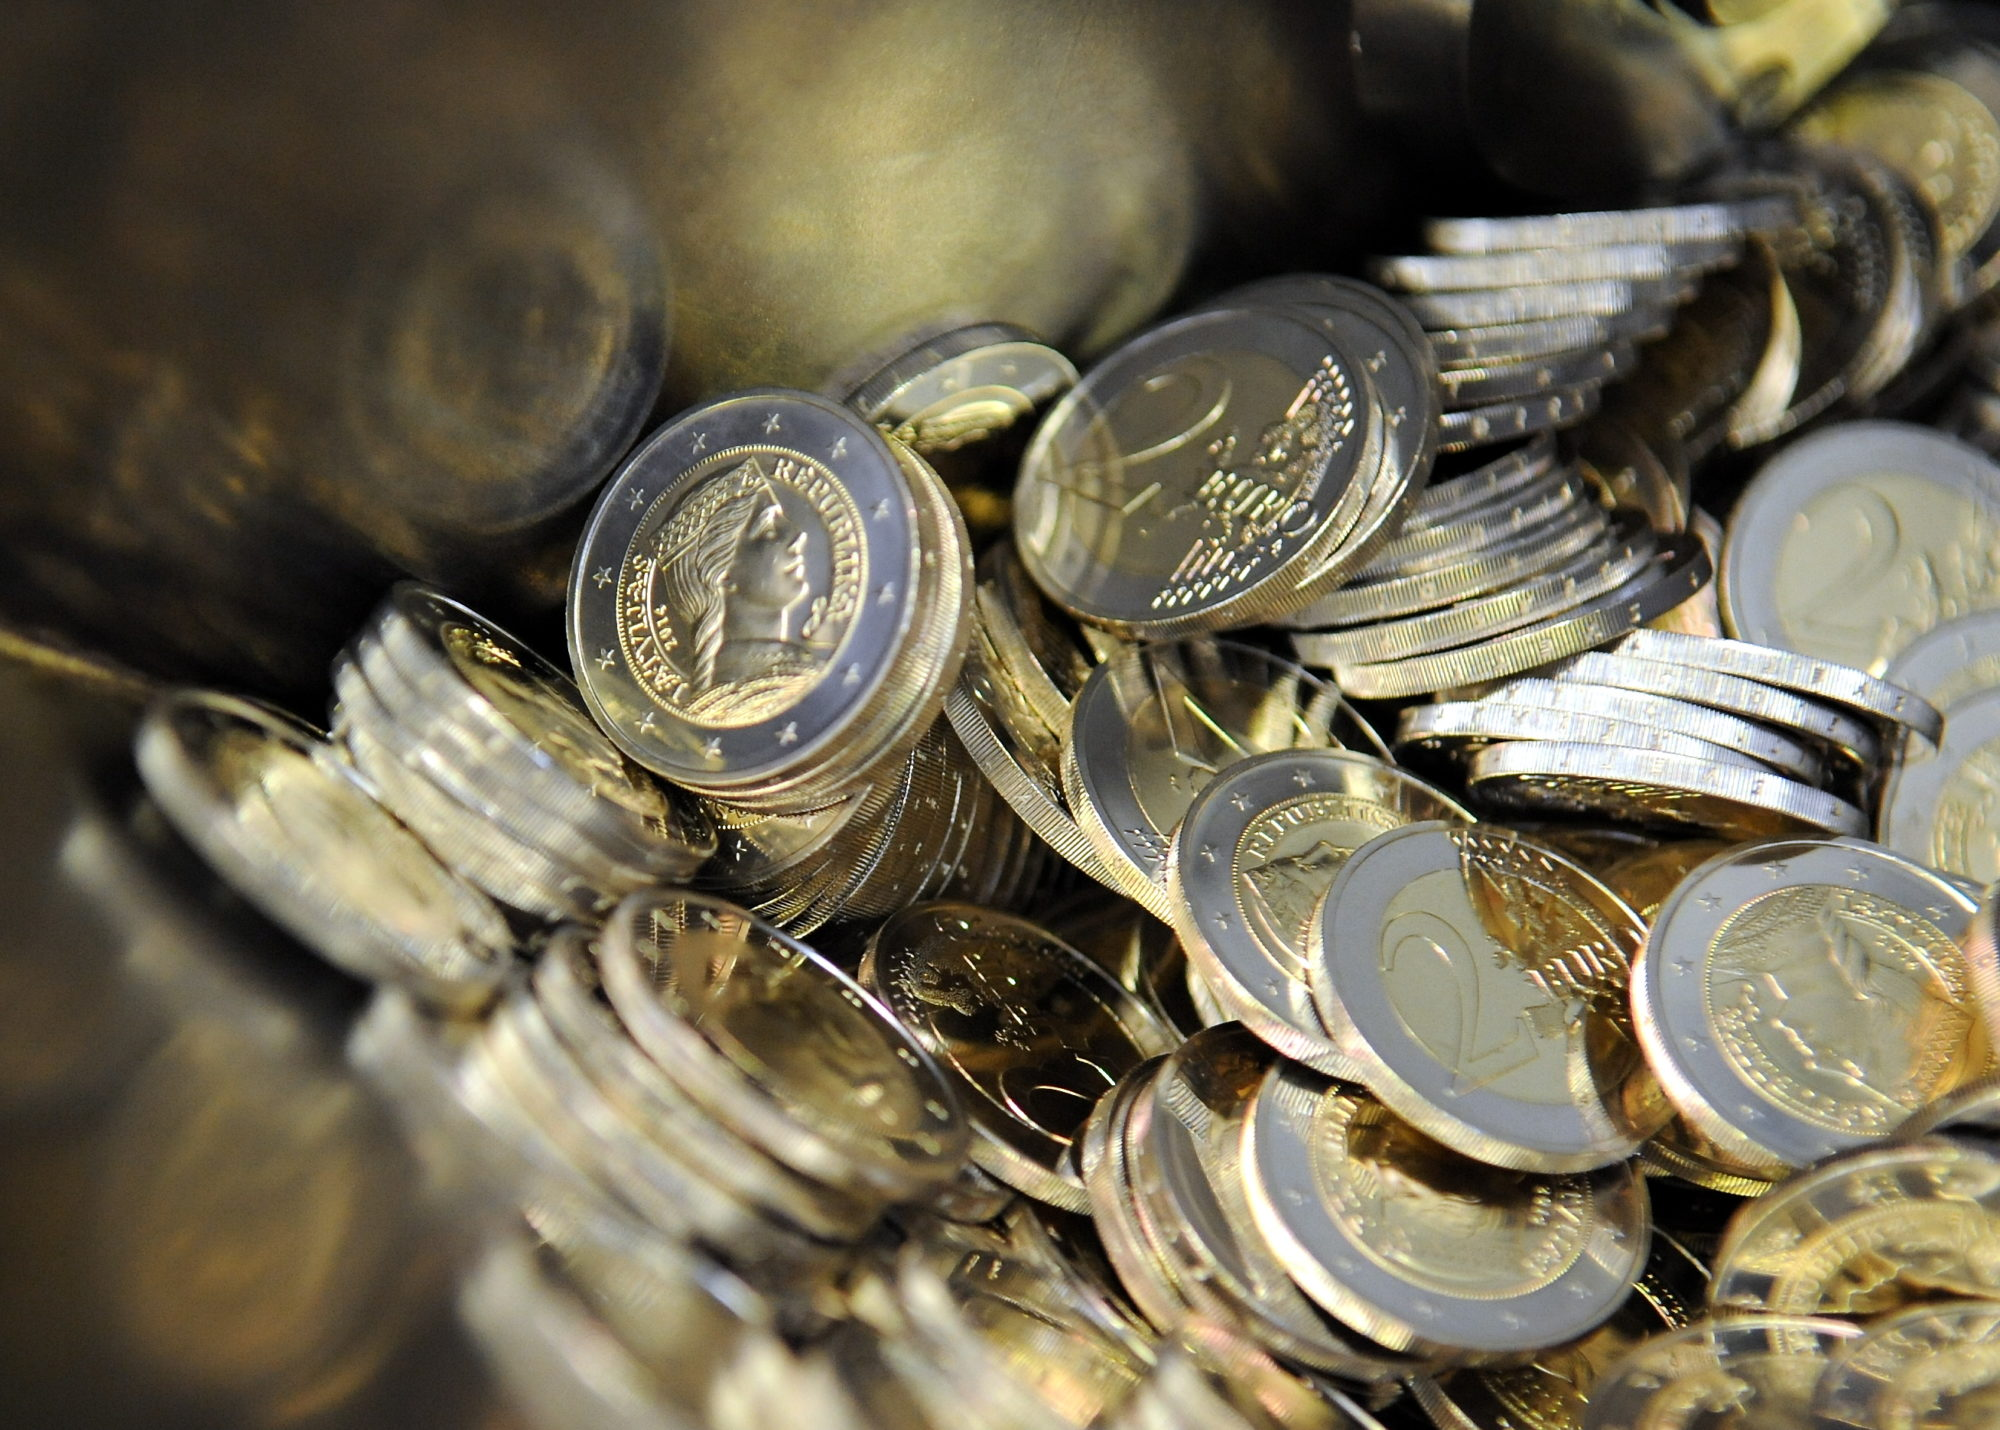 Kam atstāt uzkrāto pensiju kapitālu – mantiniekiem, tuvam cilvēkam, vai valstij